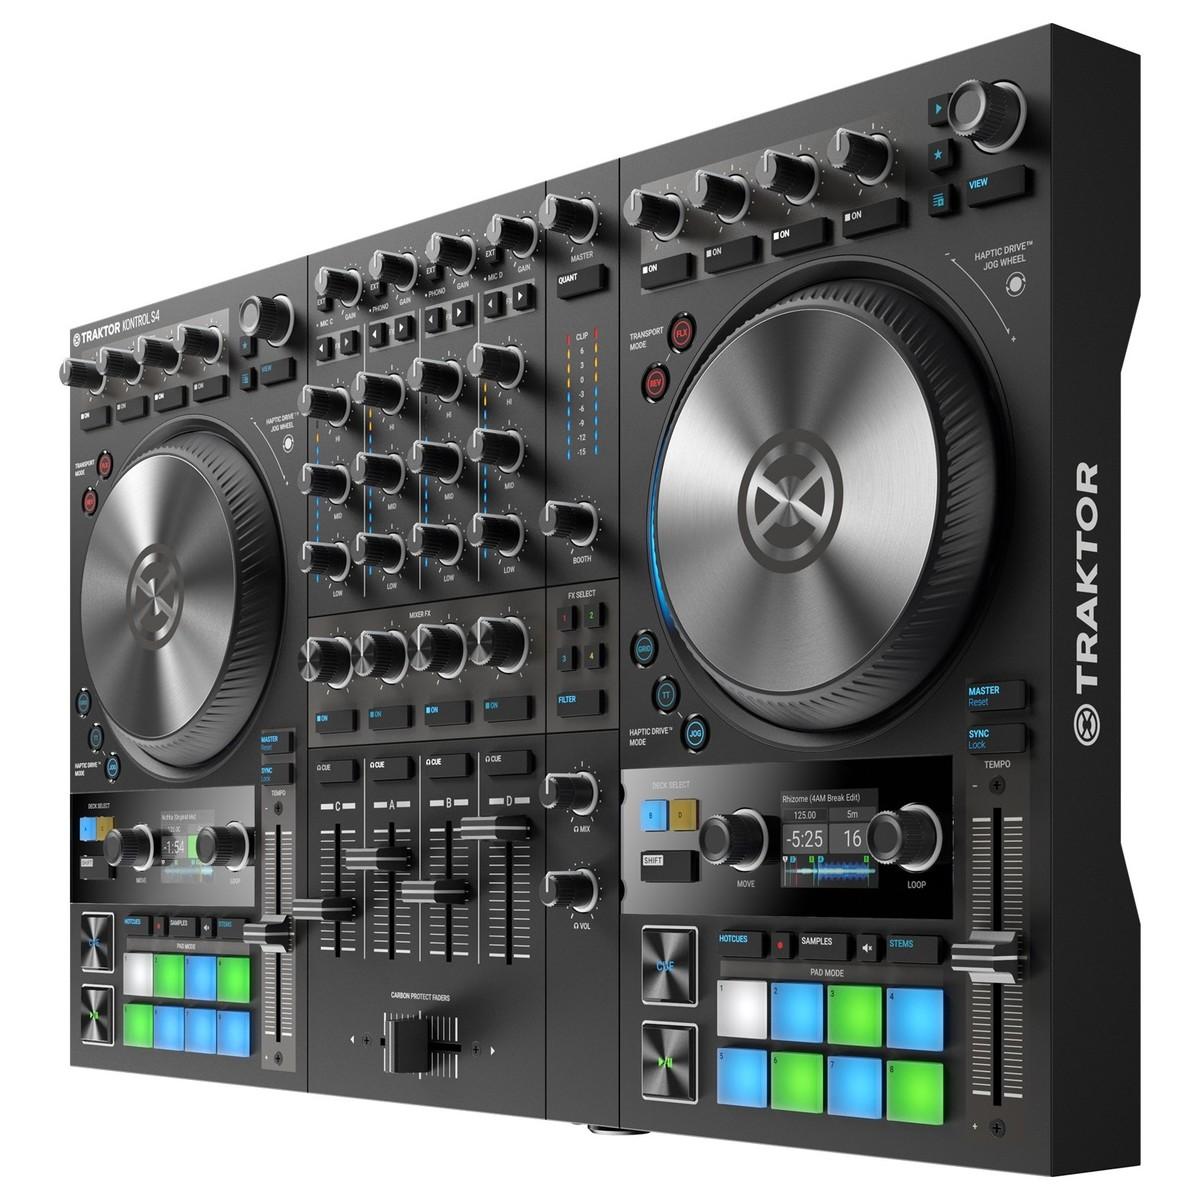 NATIVE INSTRUMENTS TRAKTOR KONTROL S4 MKIII CONTROLLER DJ MIDI MK3 4 CANALI 24 BIT 96KHZ 4